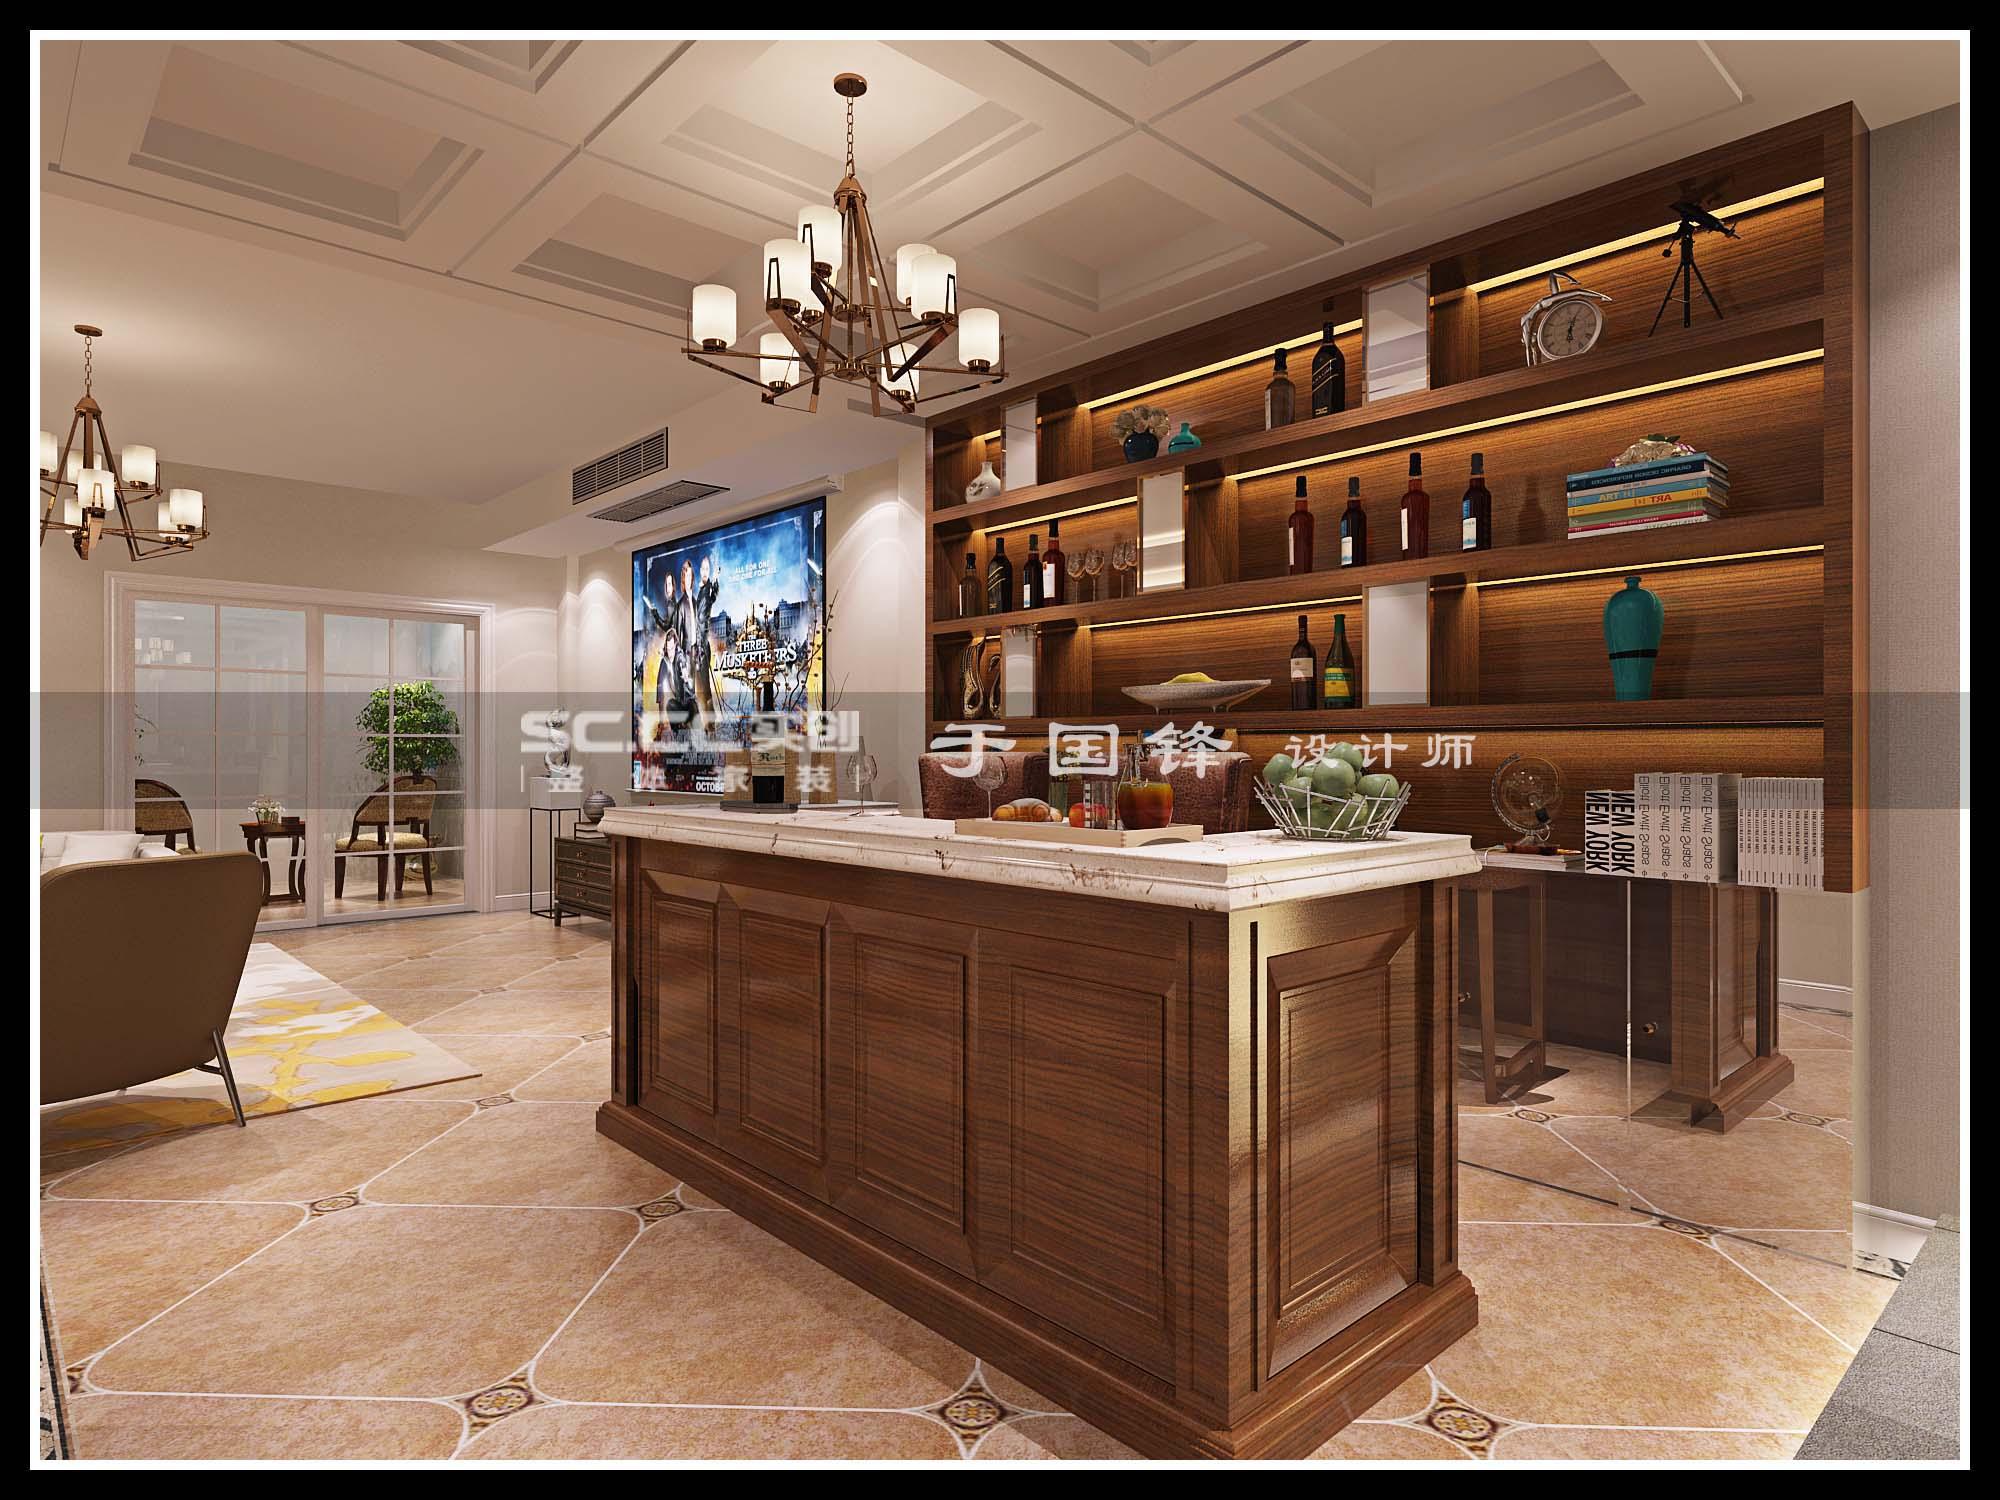 港式 别墅 世茂 玲珑台 厨房图片来自快乐彩在世茂玲珑台240平联排别墅的分享